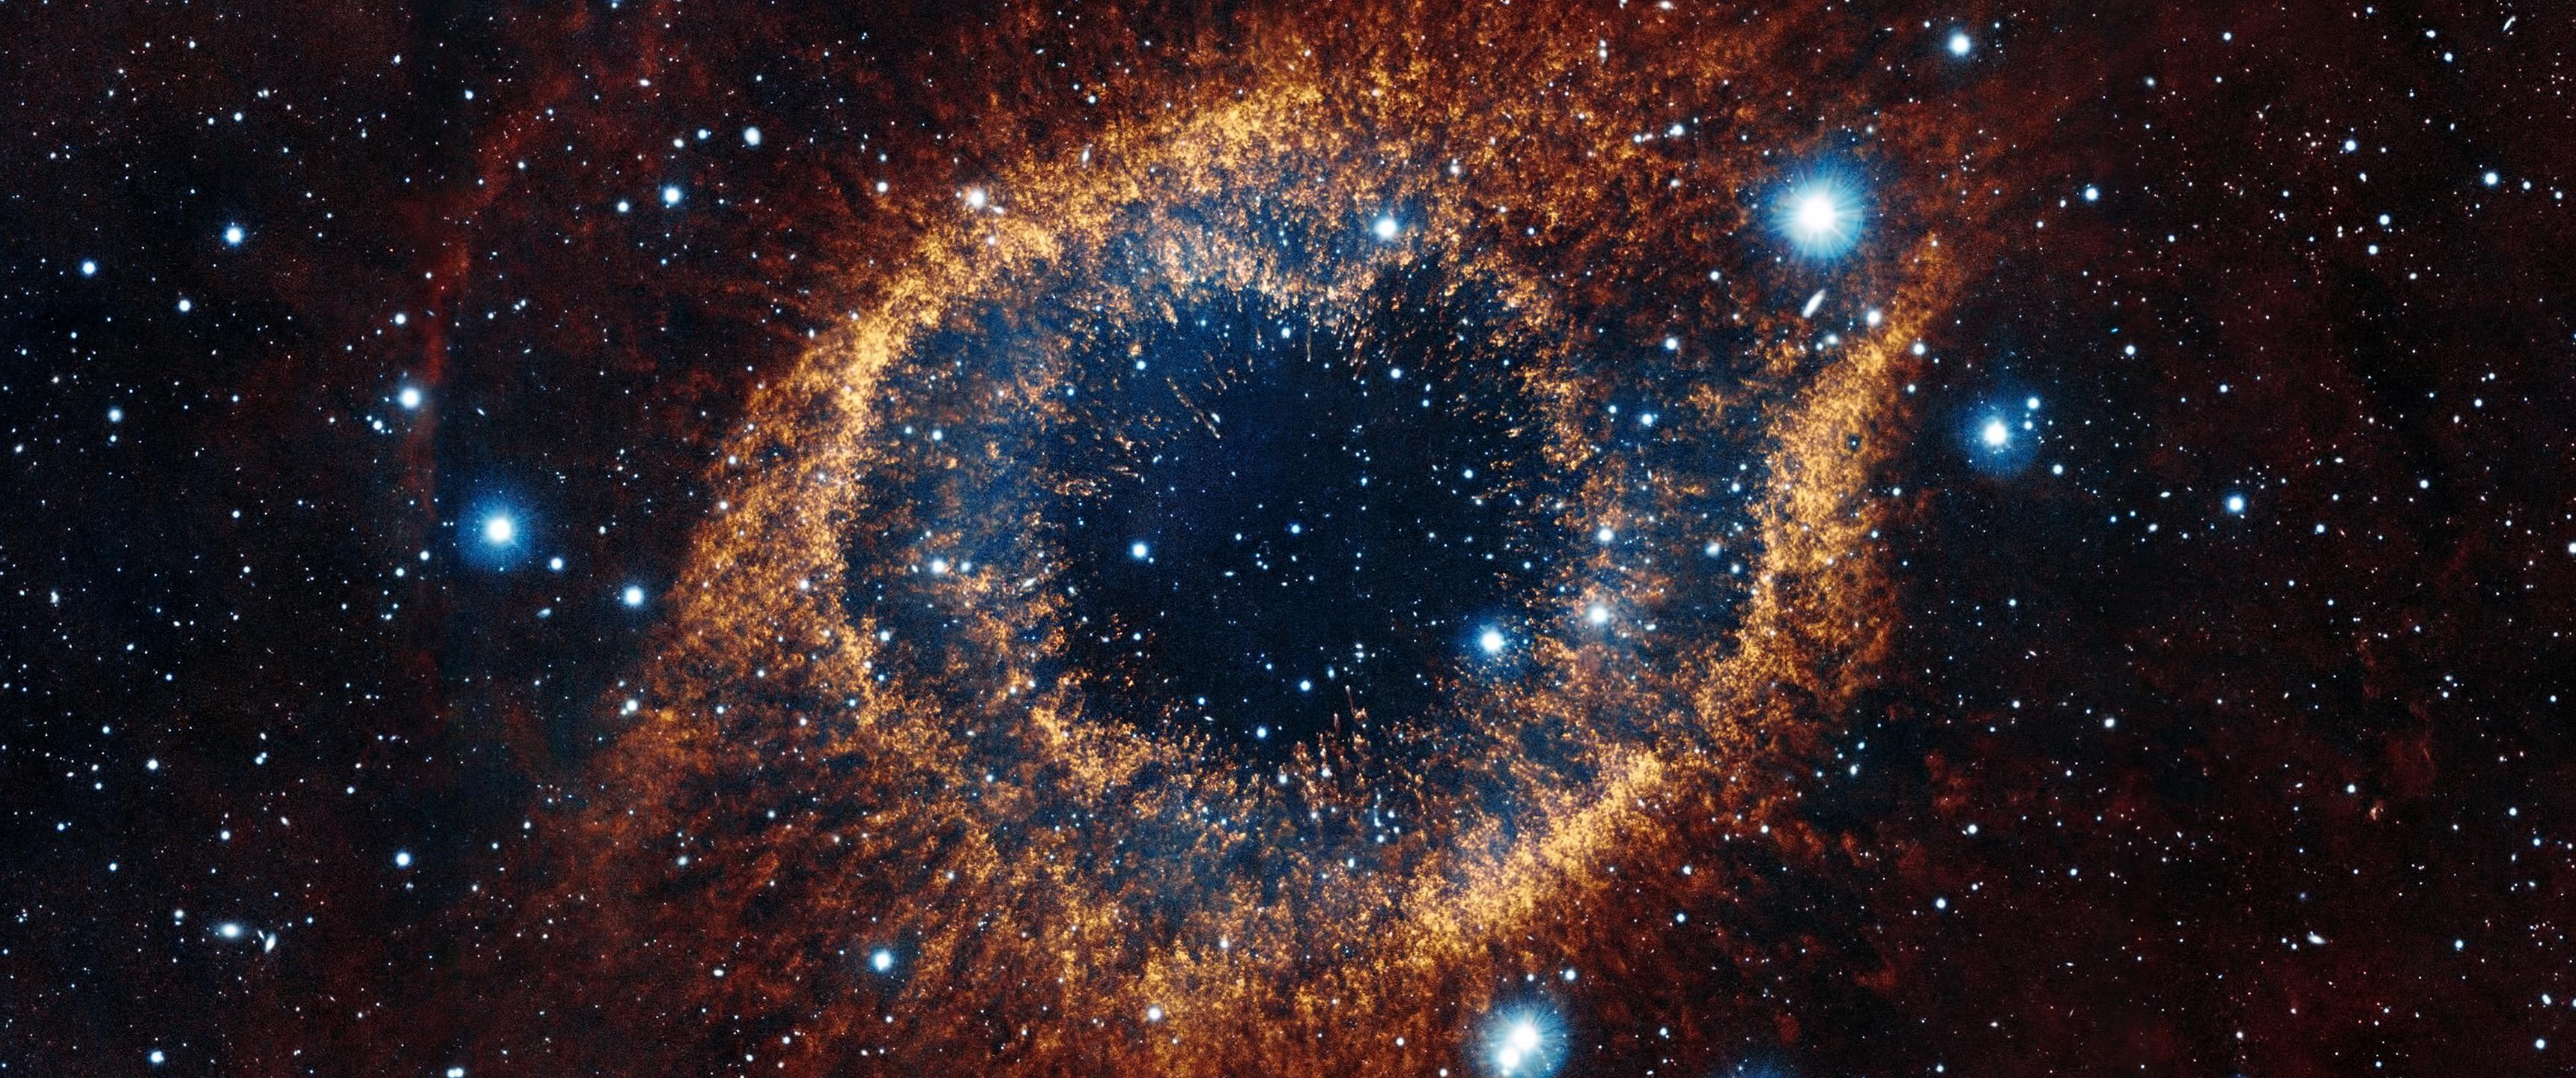 Wallpaper : galaxy, nebula, universe, astronomy, star ...